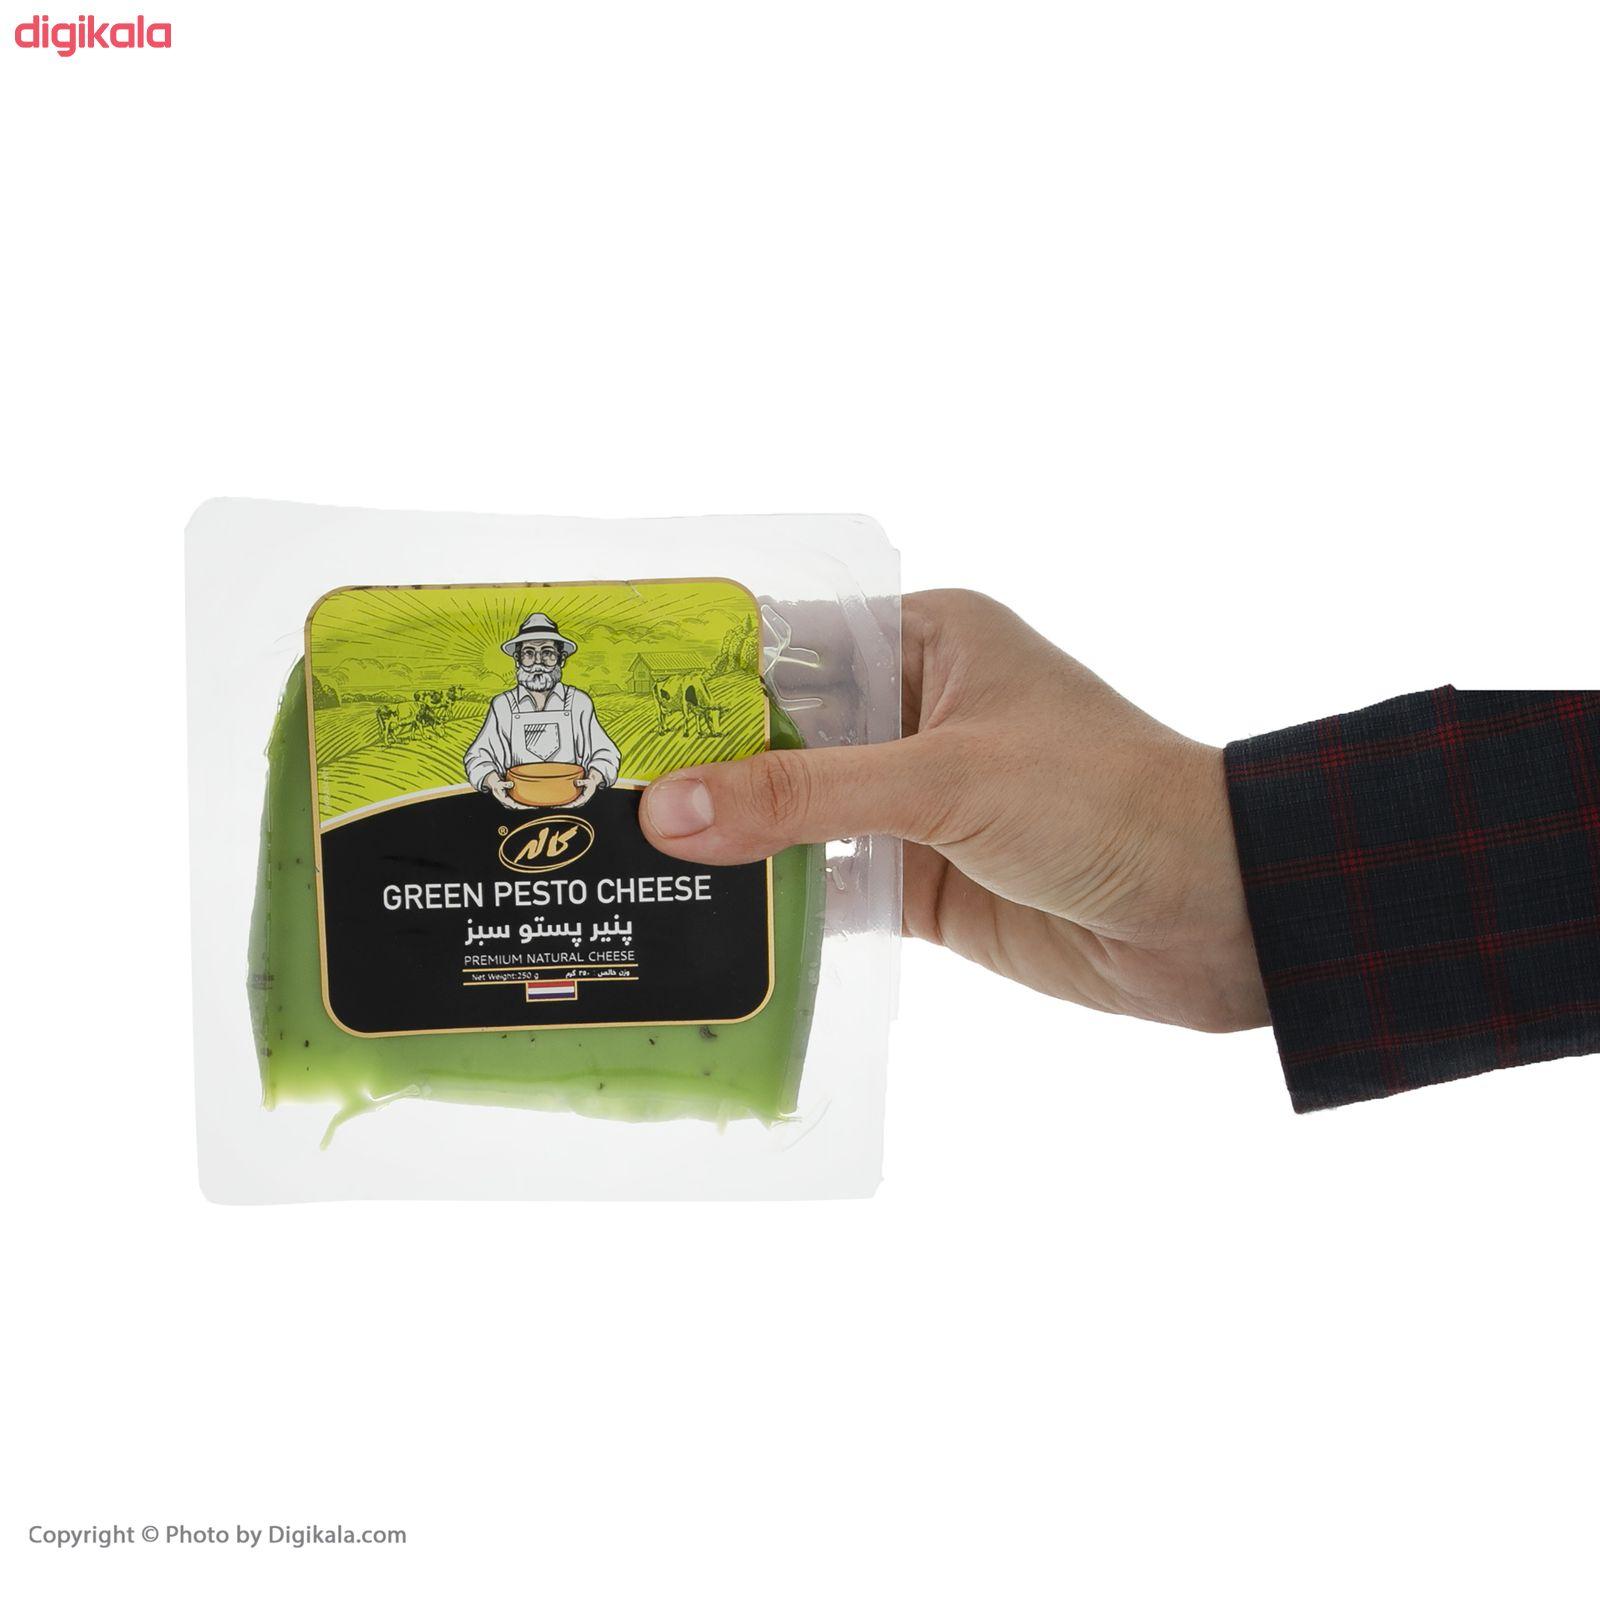 پنیر گودا پستو سبز کاله مقدار 250 گرم main 1 2